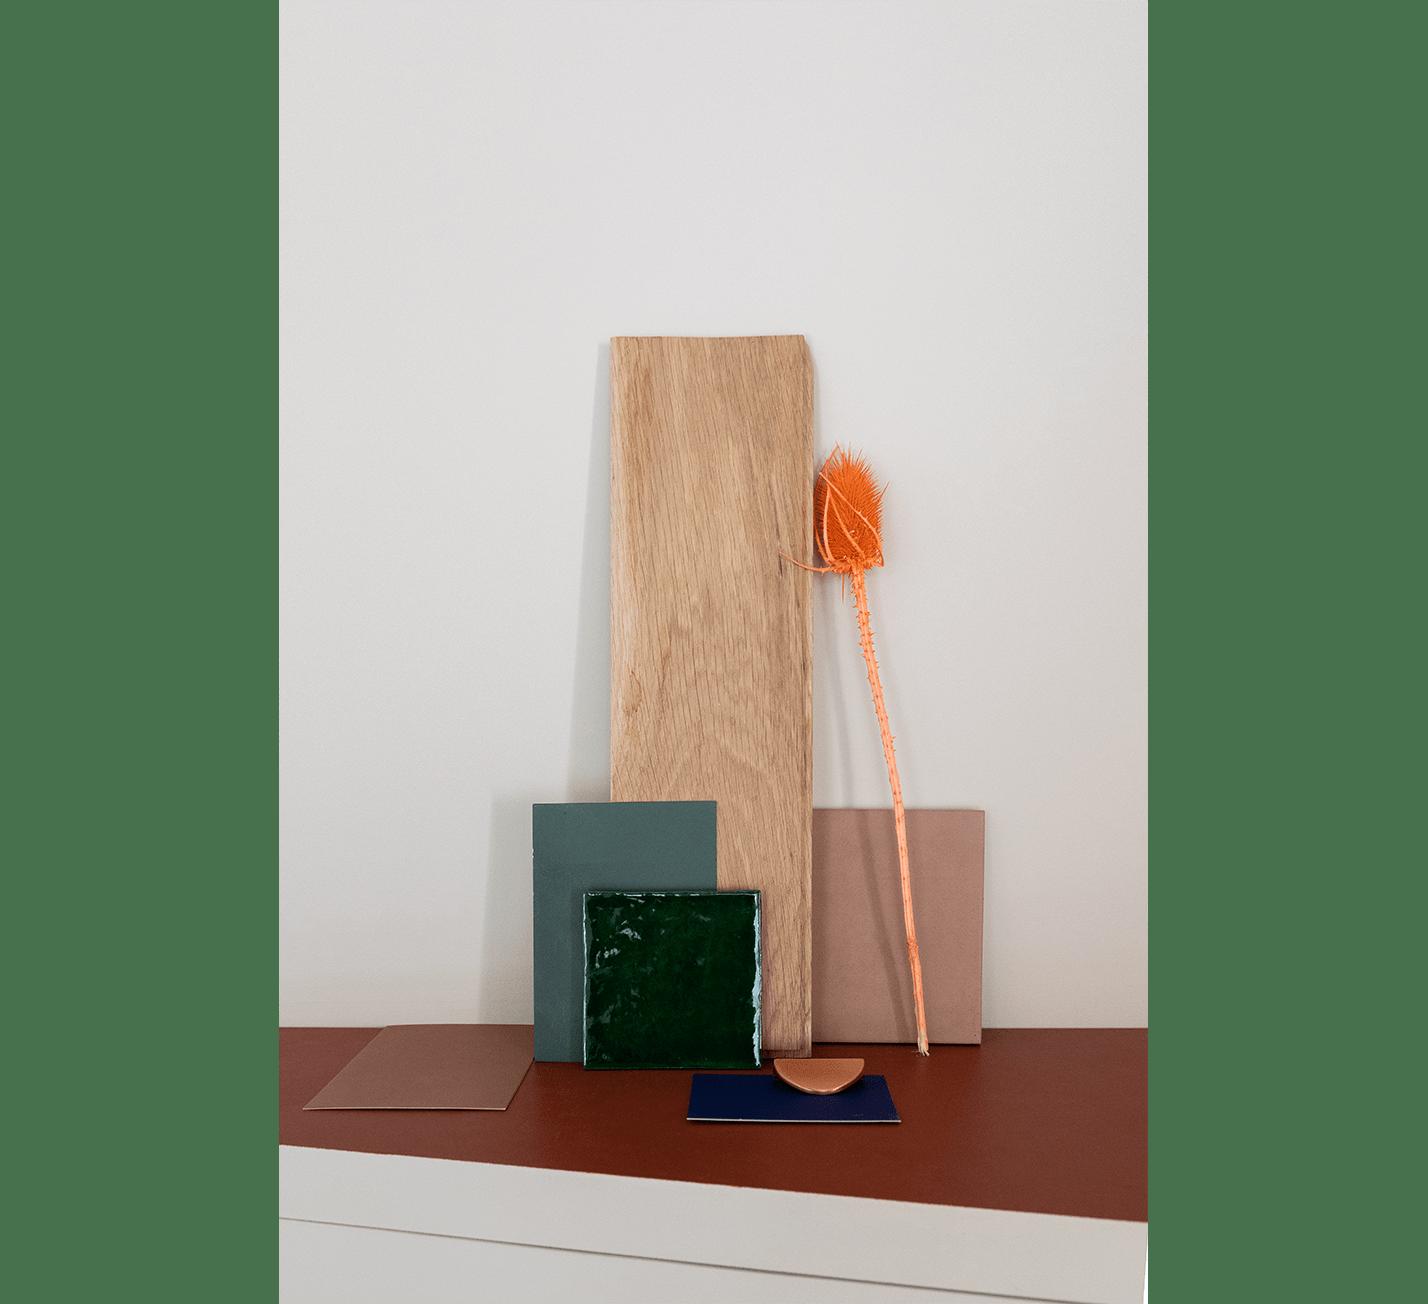 Projet-Gobelins-Atelier-Steve-Pauline-Borgia-Architecte-interieur-19-min